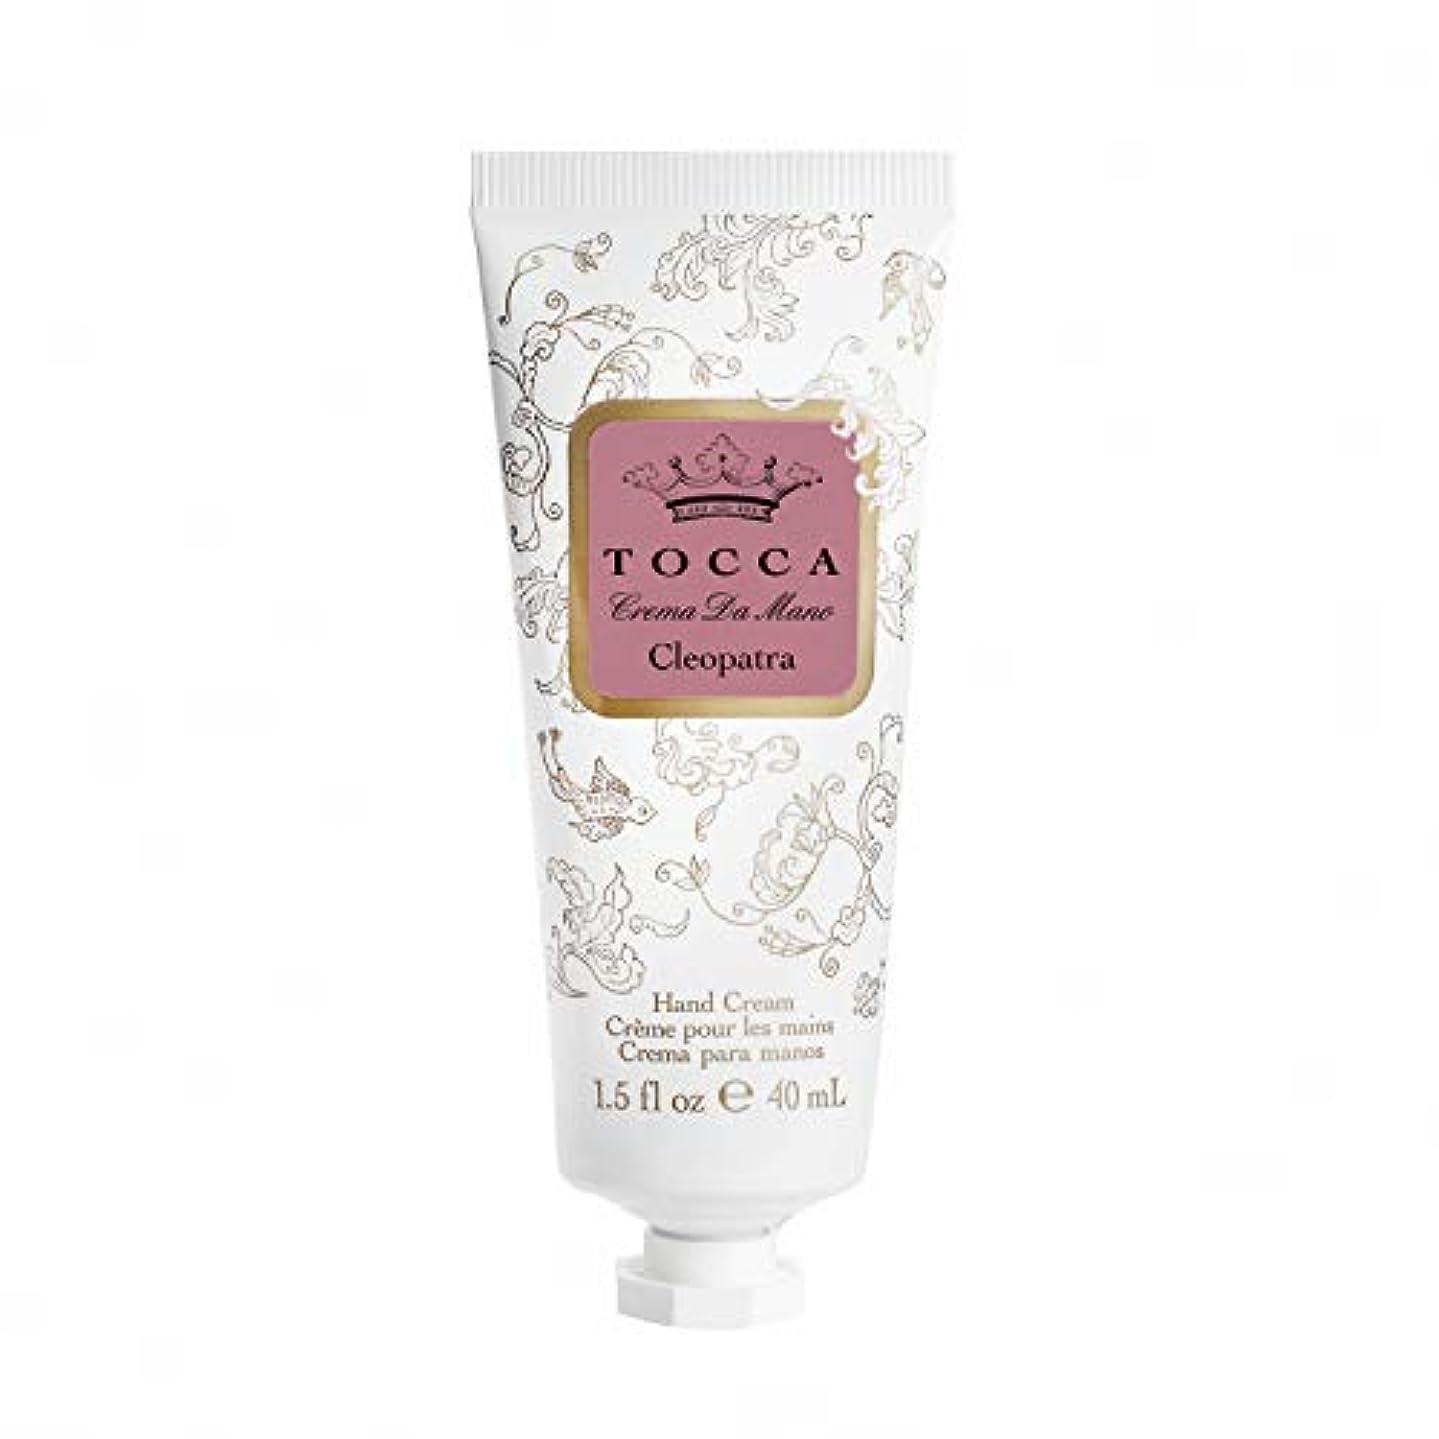 ケージスラム街硬いトッカ(TOCCA) ハンドクリーム クレオパトラの香り 40mL (手指用保湿 グレープフルーツとキューカンバーのフレッシュな香り)